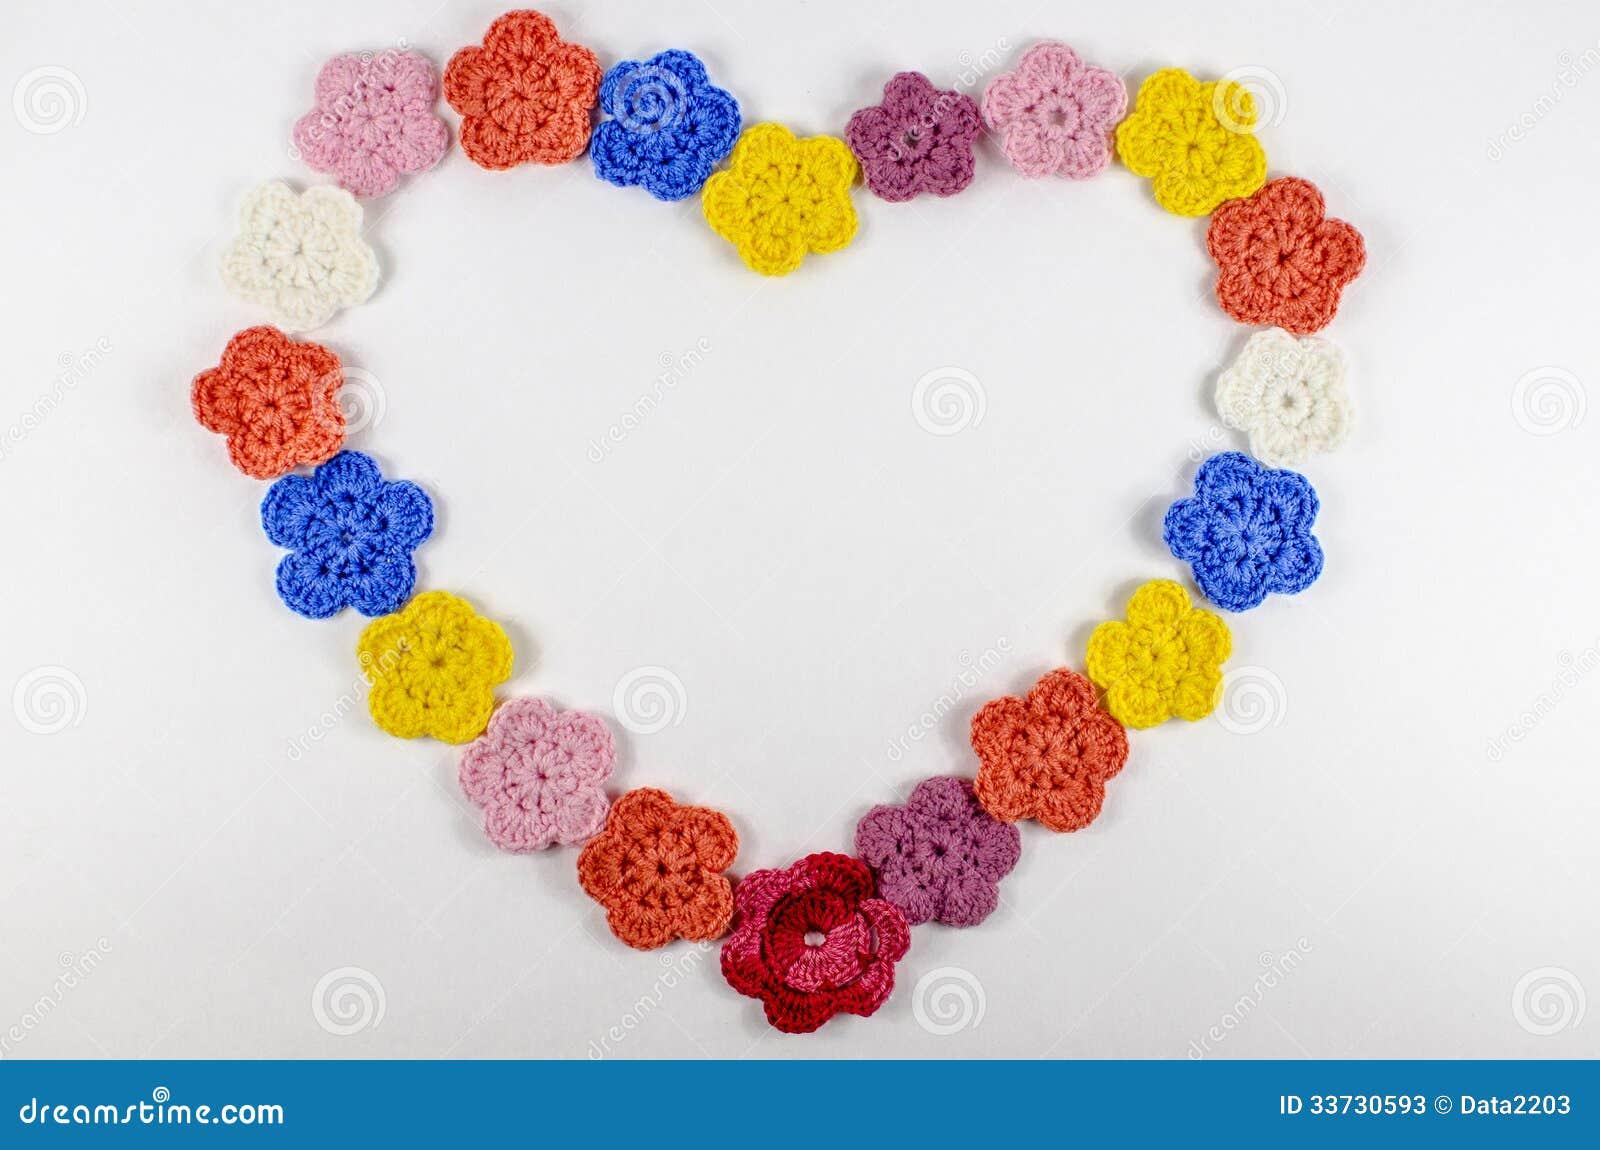 Heart of flowers crocheted of wool